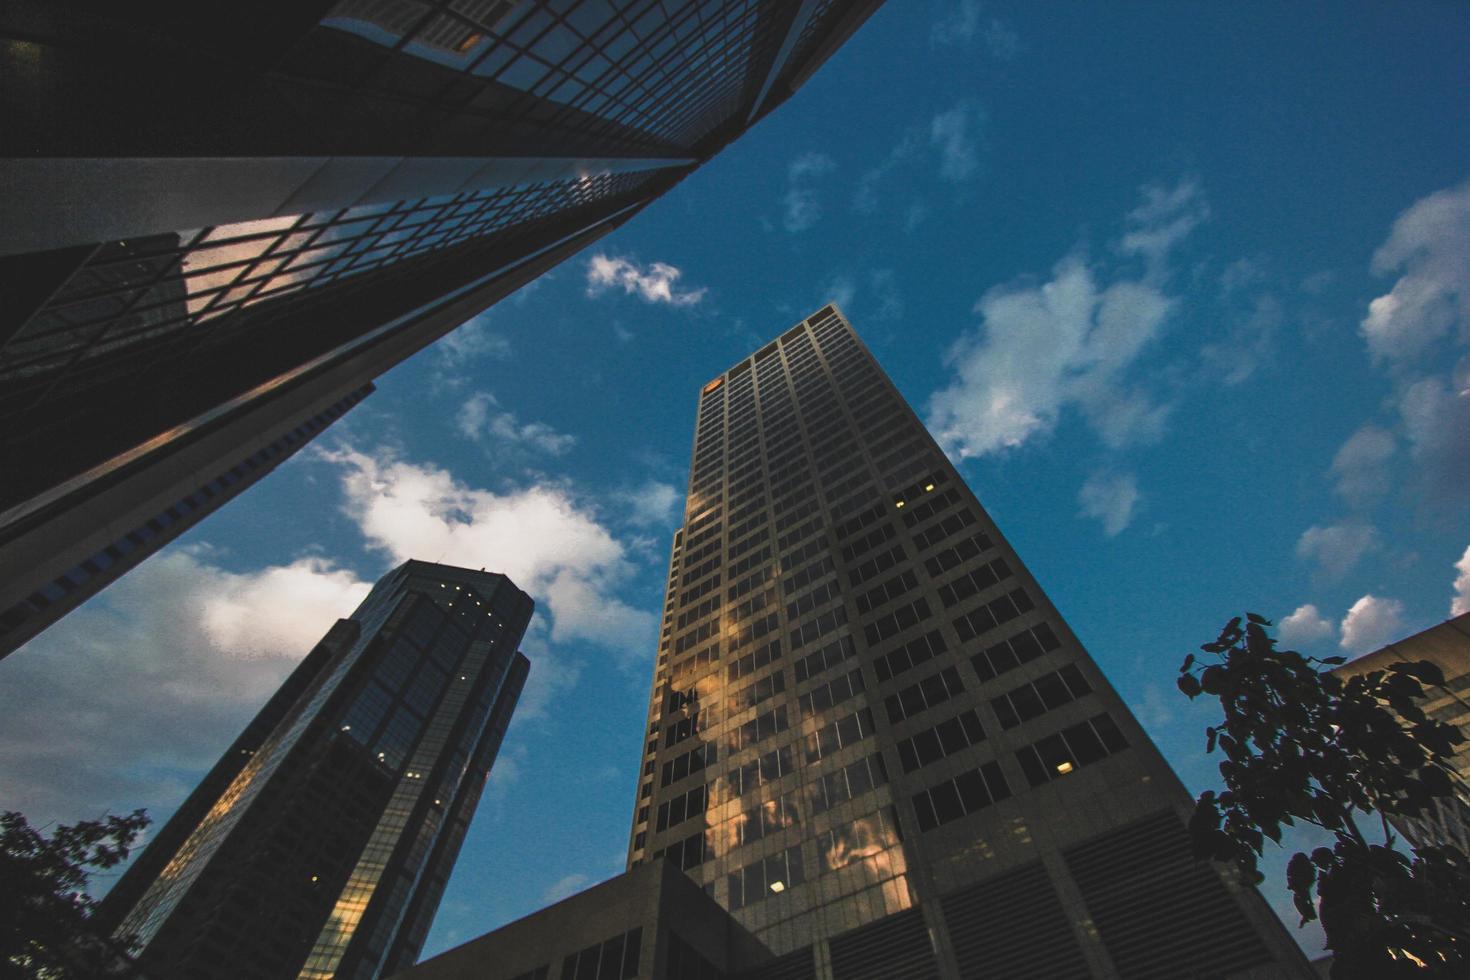 photographie à faible angle d'un immeuble de grande hauteur photo